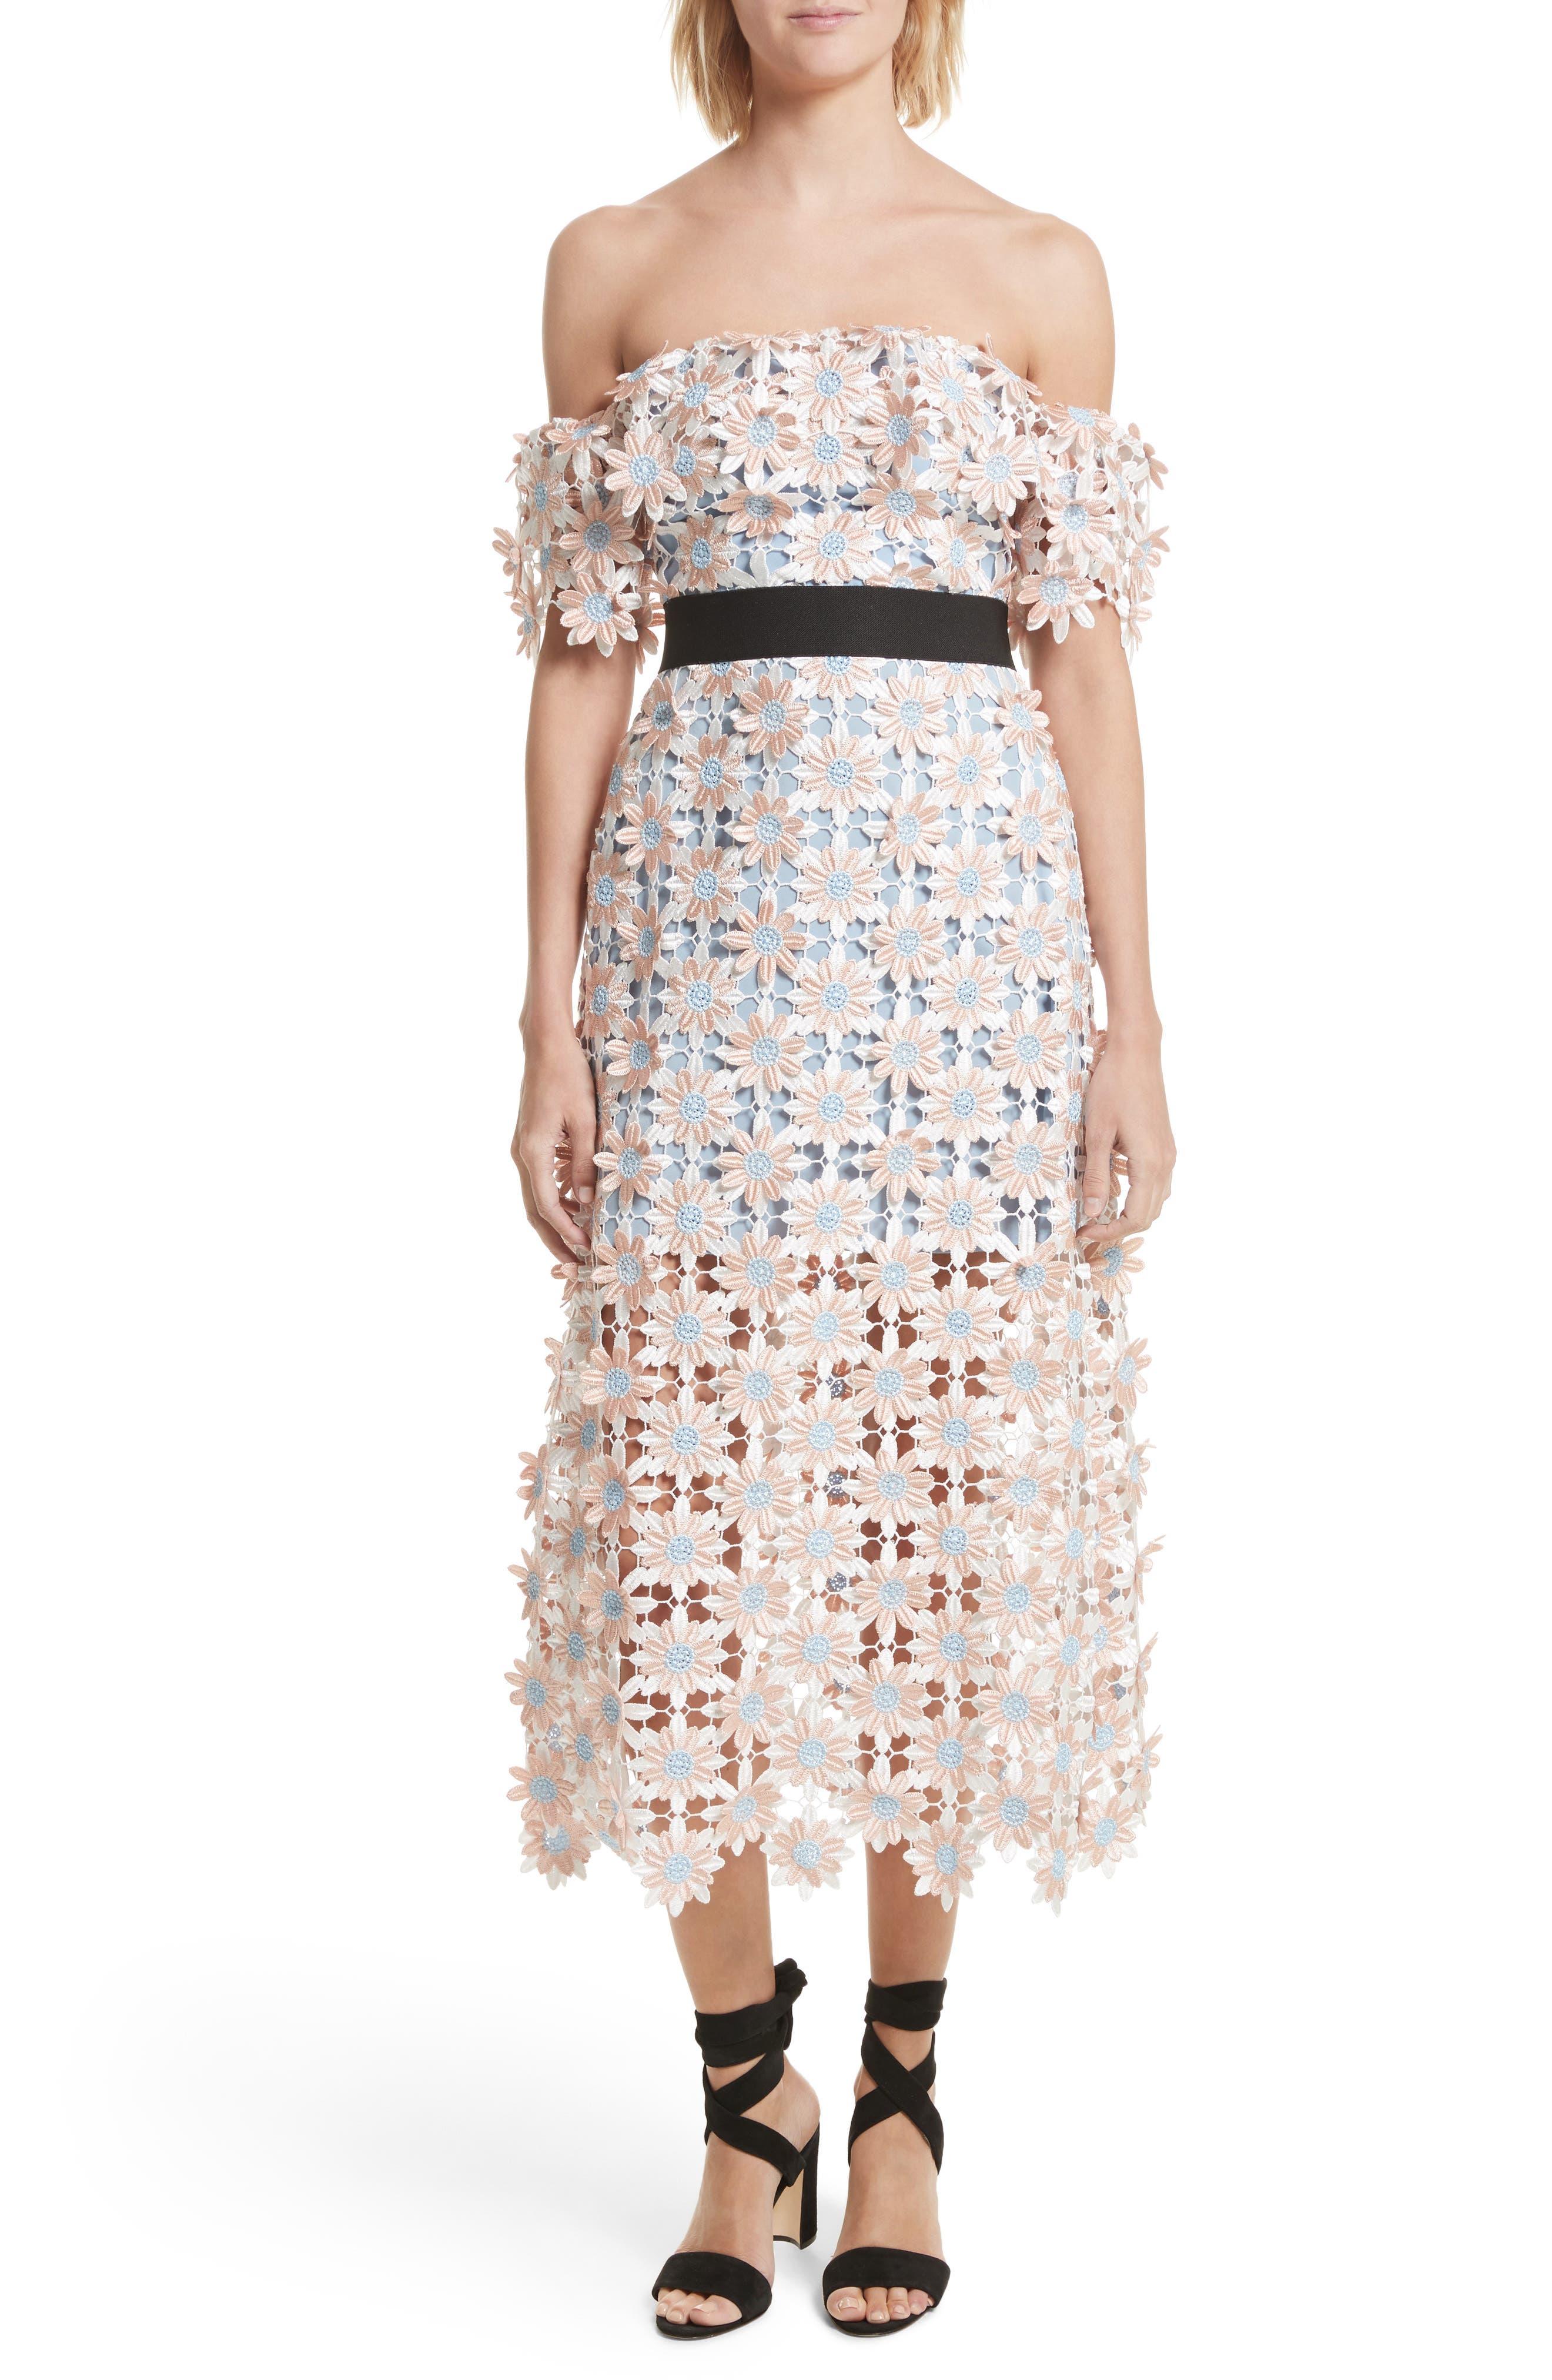 3D Floral Lace Off the Shoulder Midi Dress,                             Main thumbnail 1, color,                             650